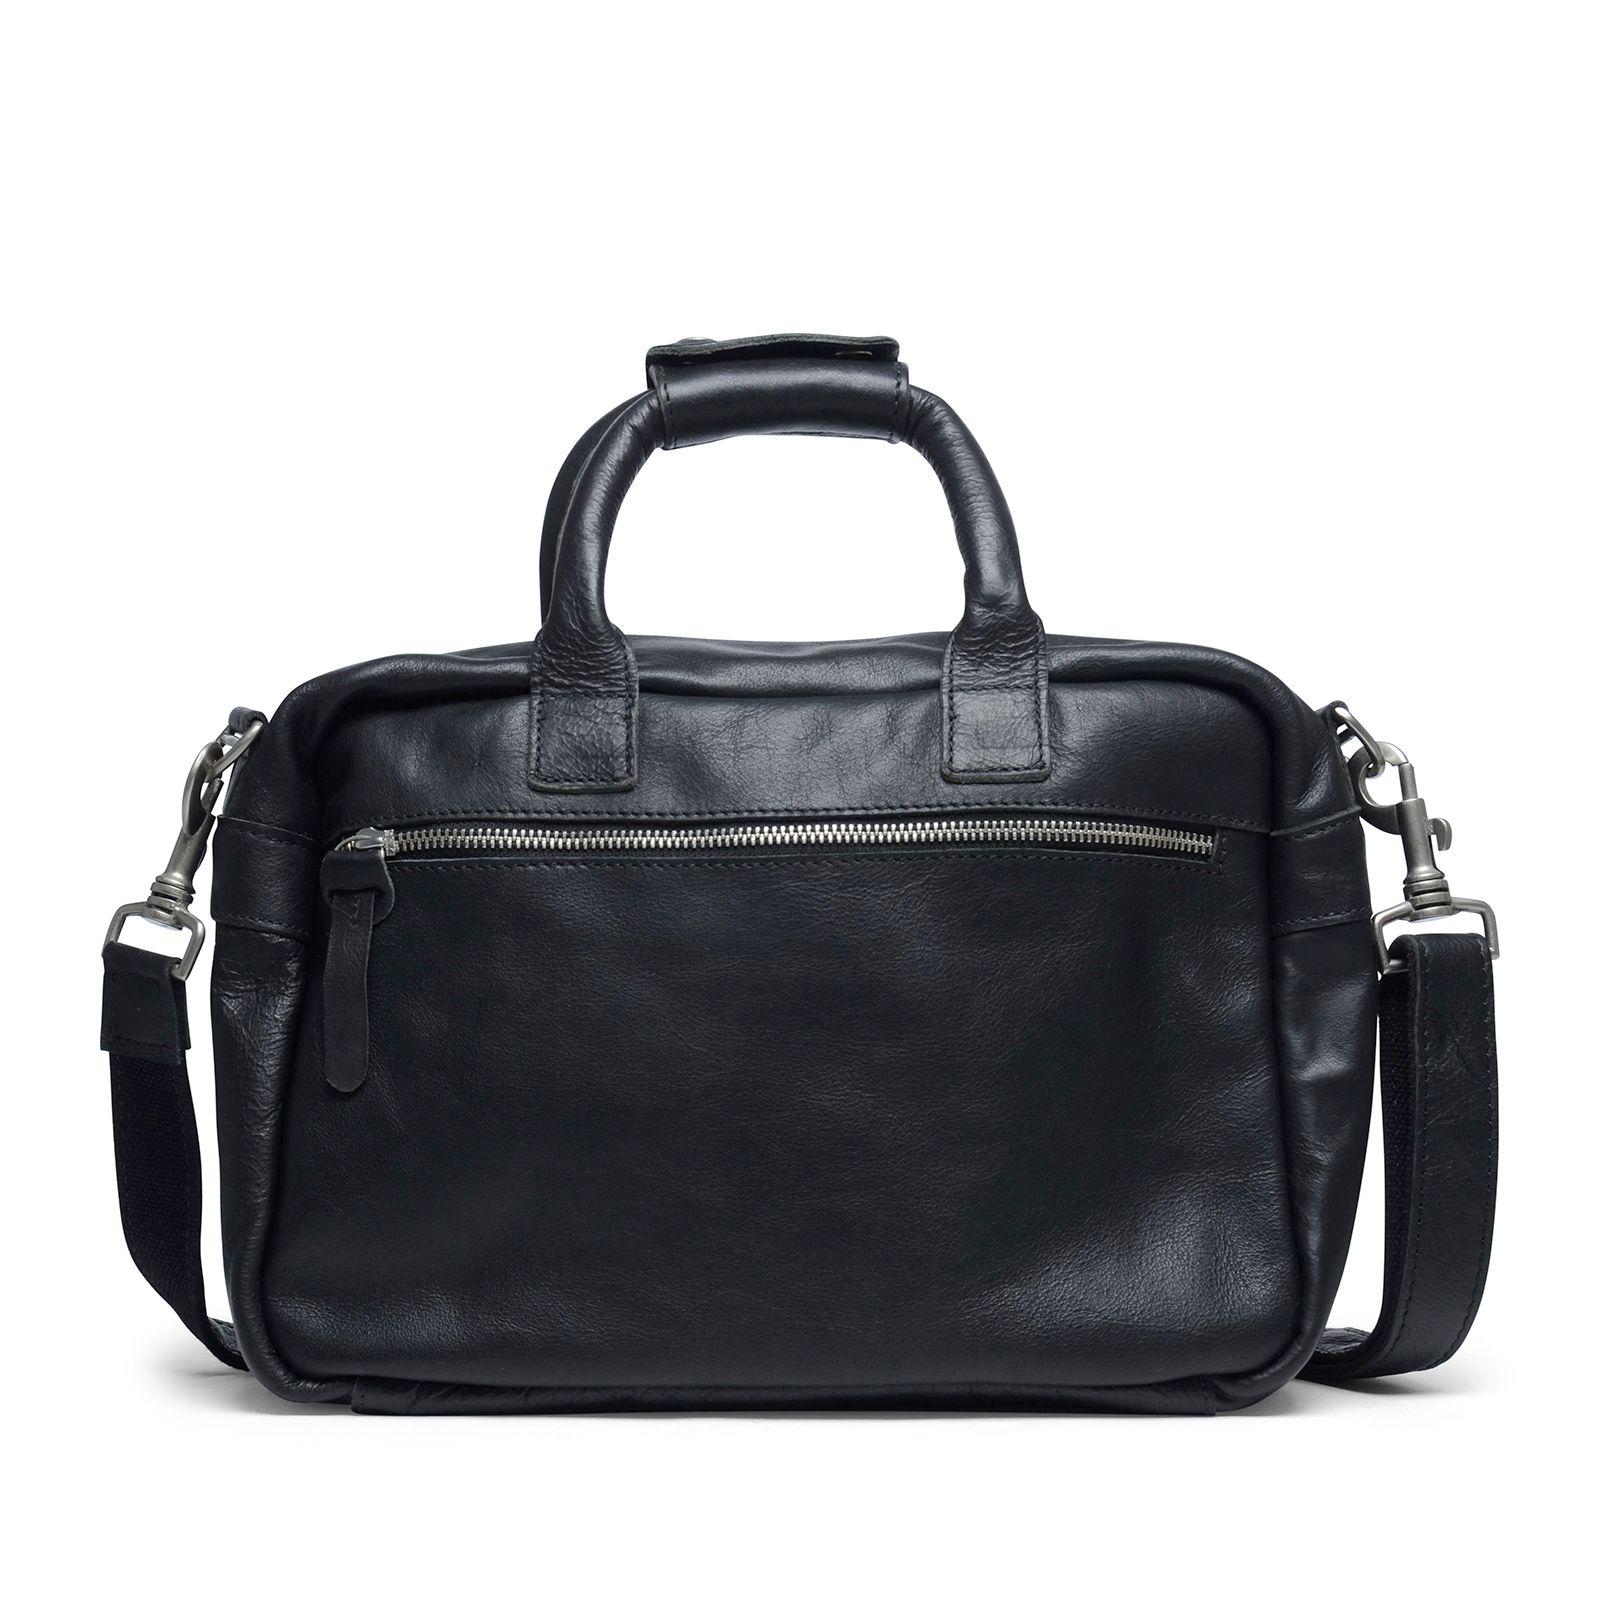 schwarze handtasche mit rei verschluss taschen. Black Bedroom Furniture Sets. Home Design Ideas